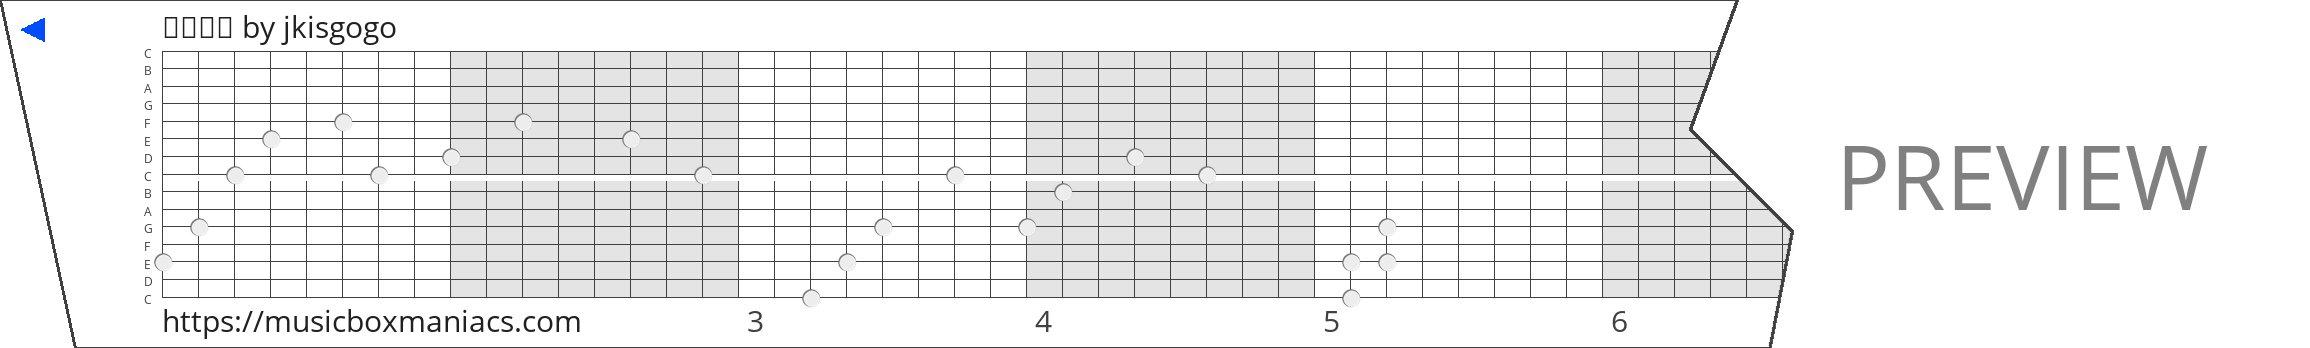 올골악보 15 note music box paper strip